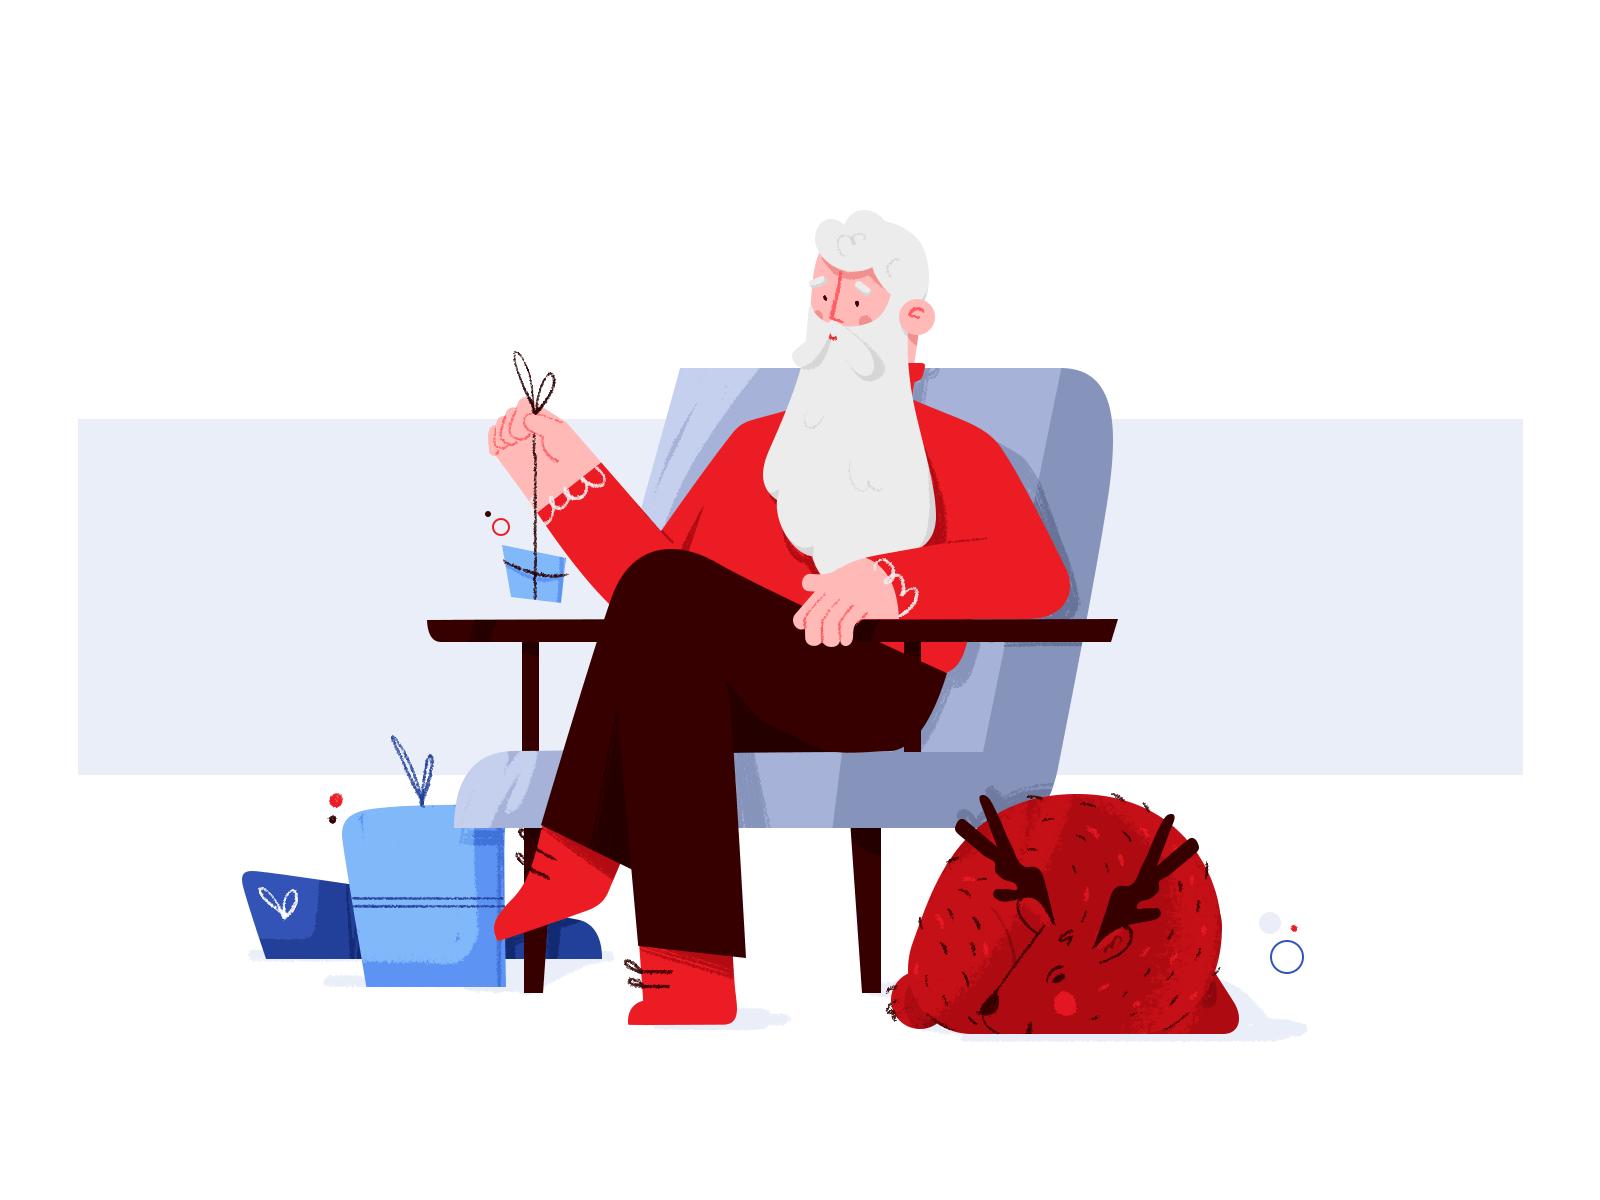 Resting Santa by Ilona Rybak